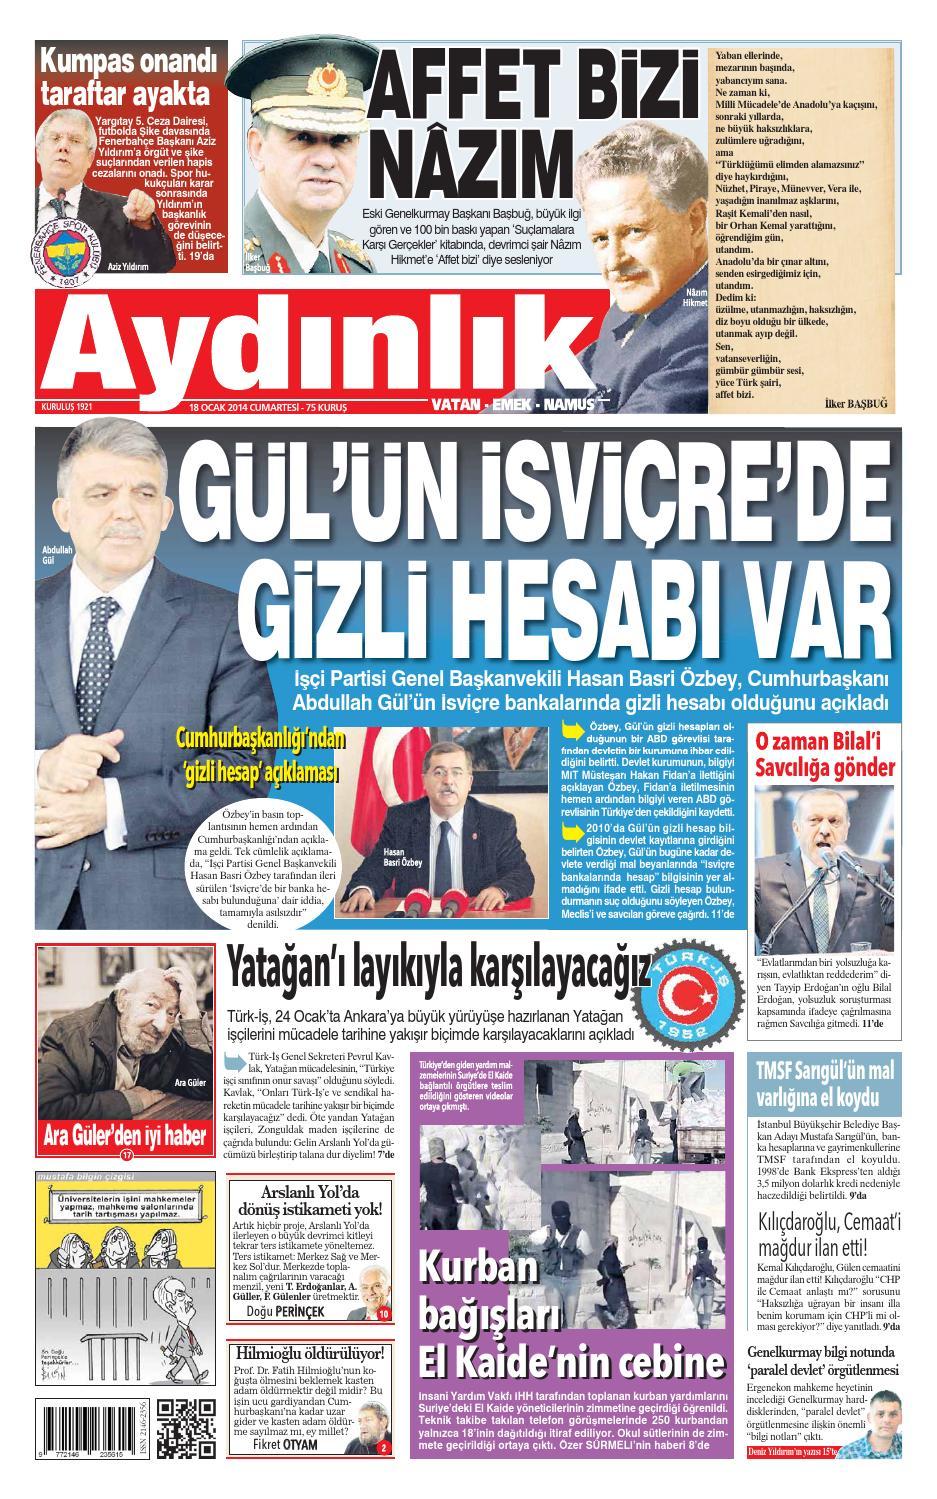 AK Partili Tayyar: Yeni bir derin devlet oluşturulacak, bunlar milletten emir alacak 99